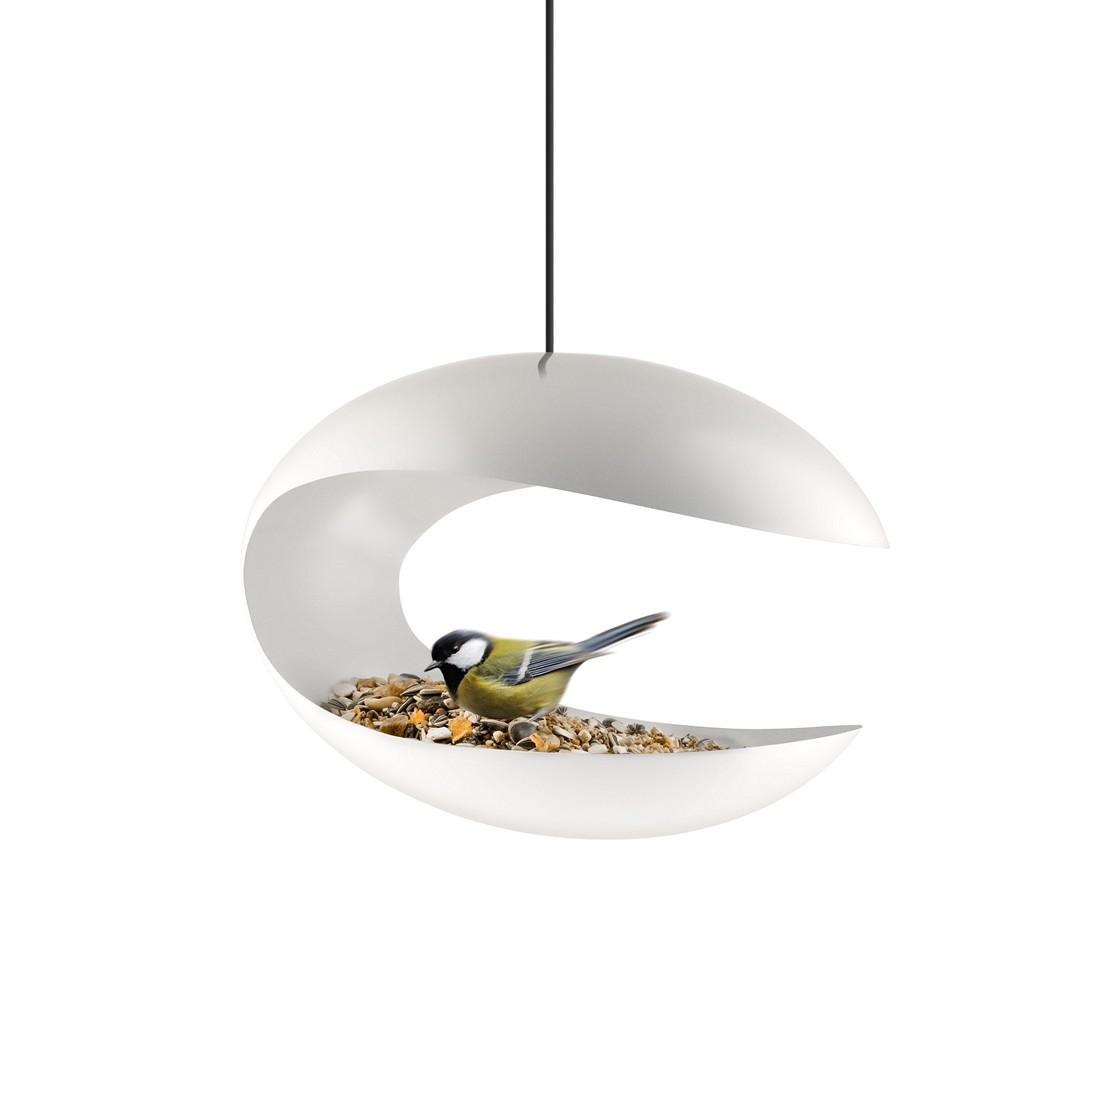 Vogelfutterhaus Bird Table Hängeversion - Pulverbeschichtet Edelstahl Pulverbeschichtet Weiß, Eva Solo